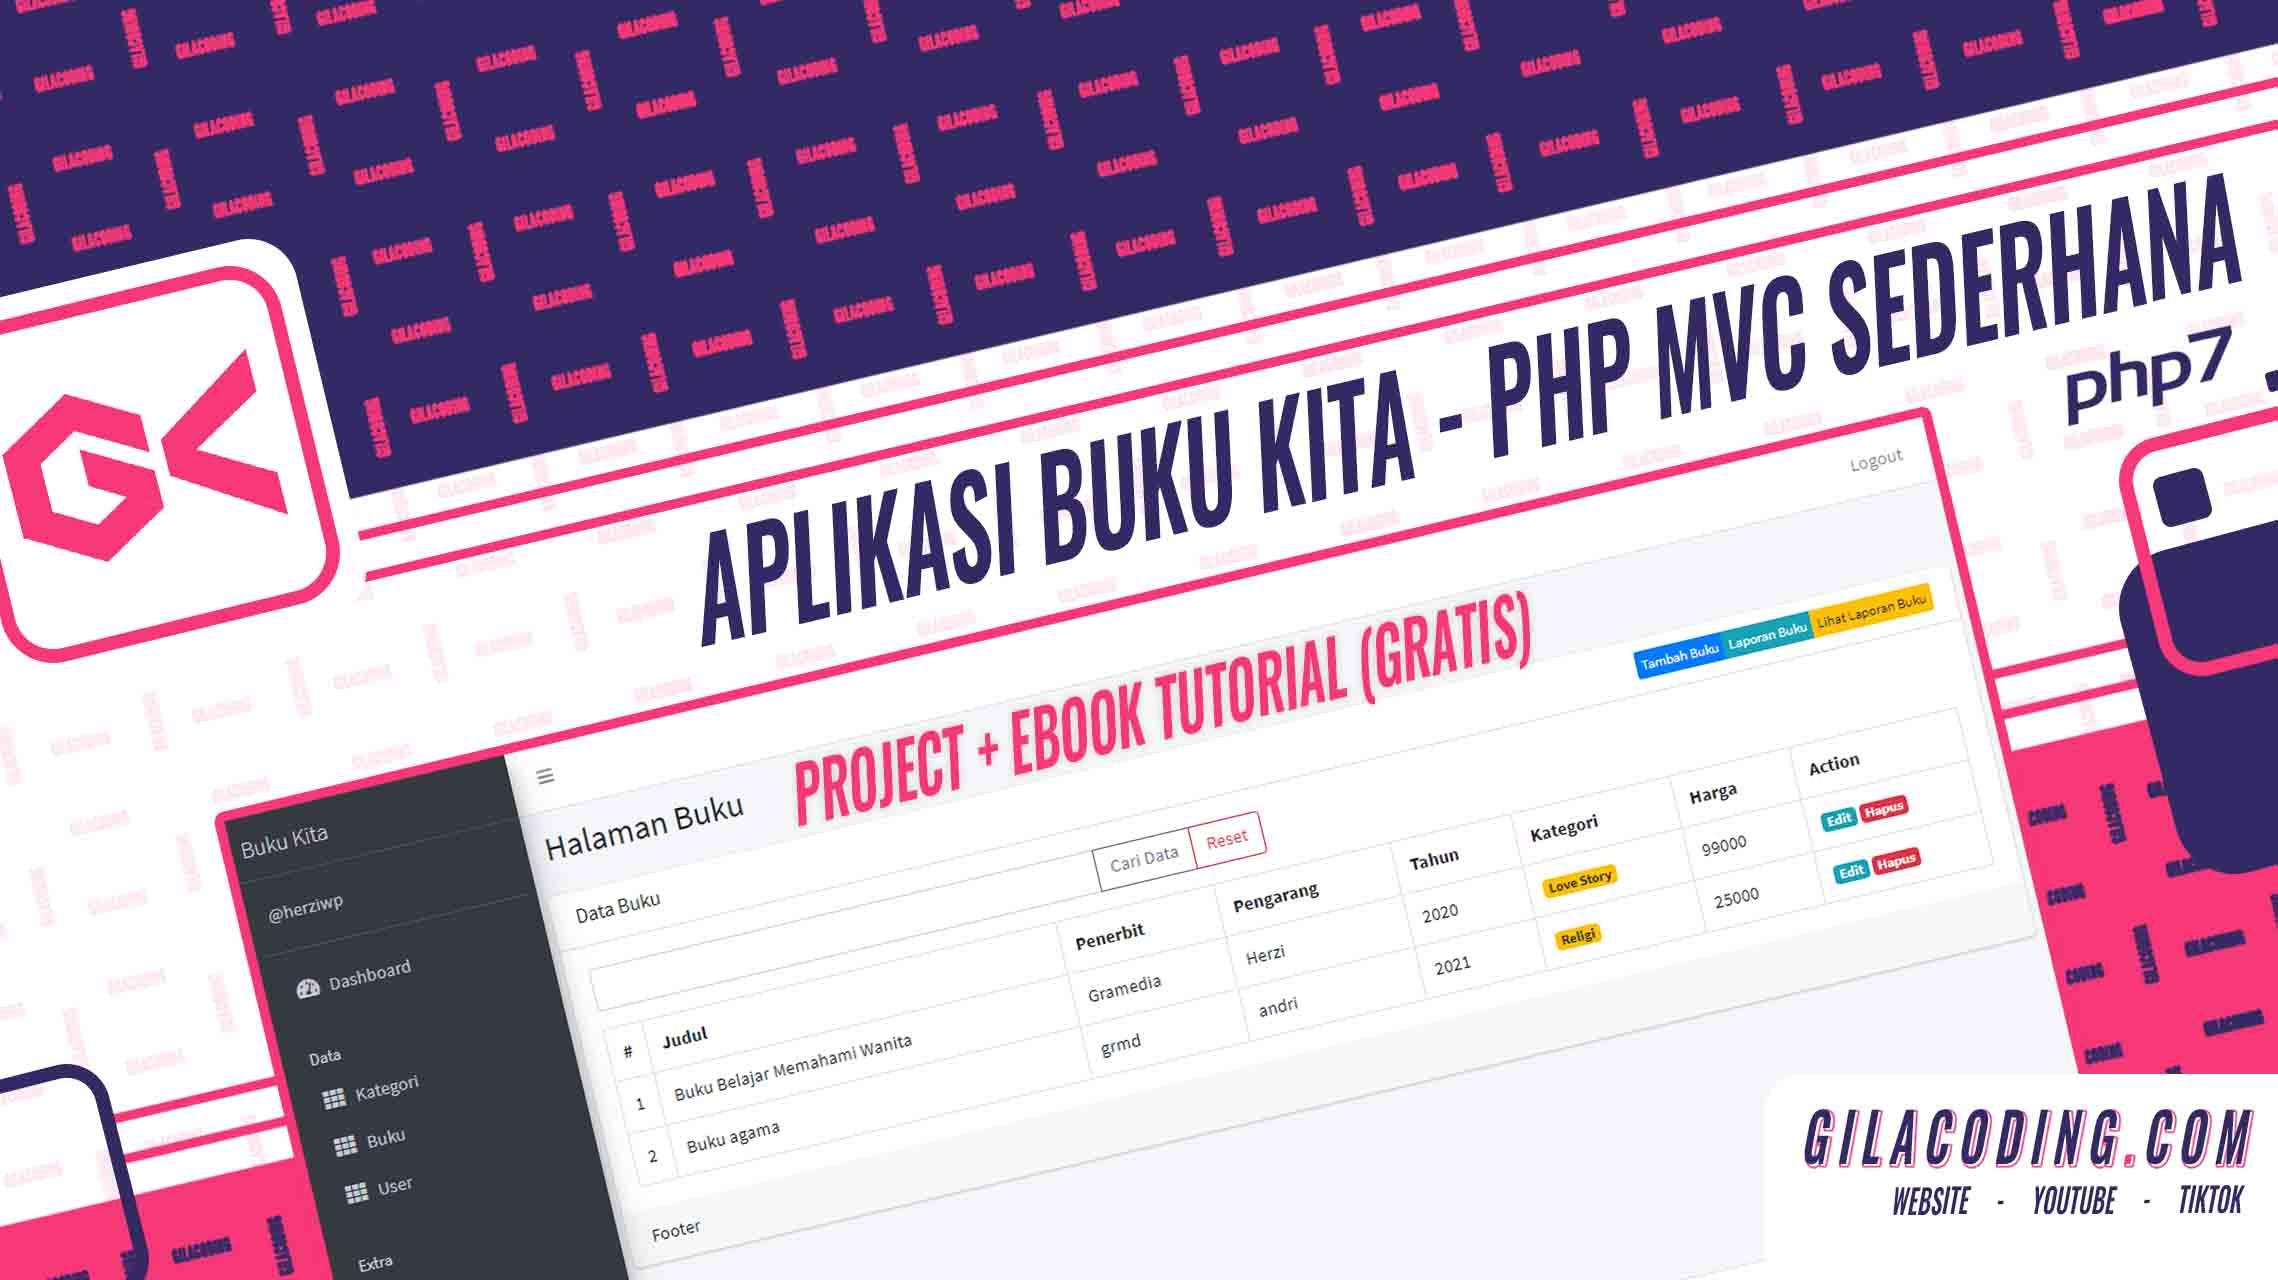 Contoh dan Tutorial Project PHP OOP MVC Sederhana - Aplikasi Buku Kita